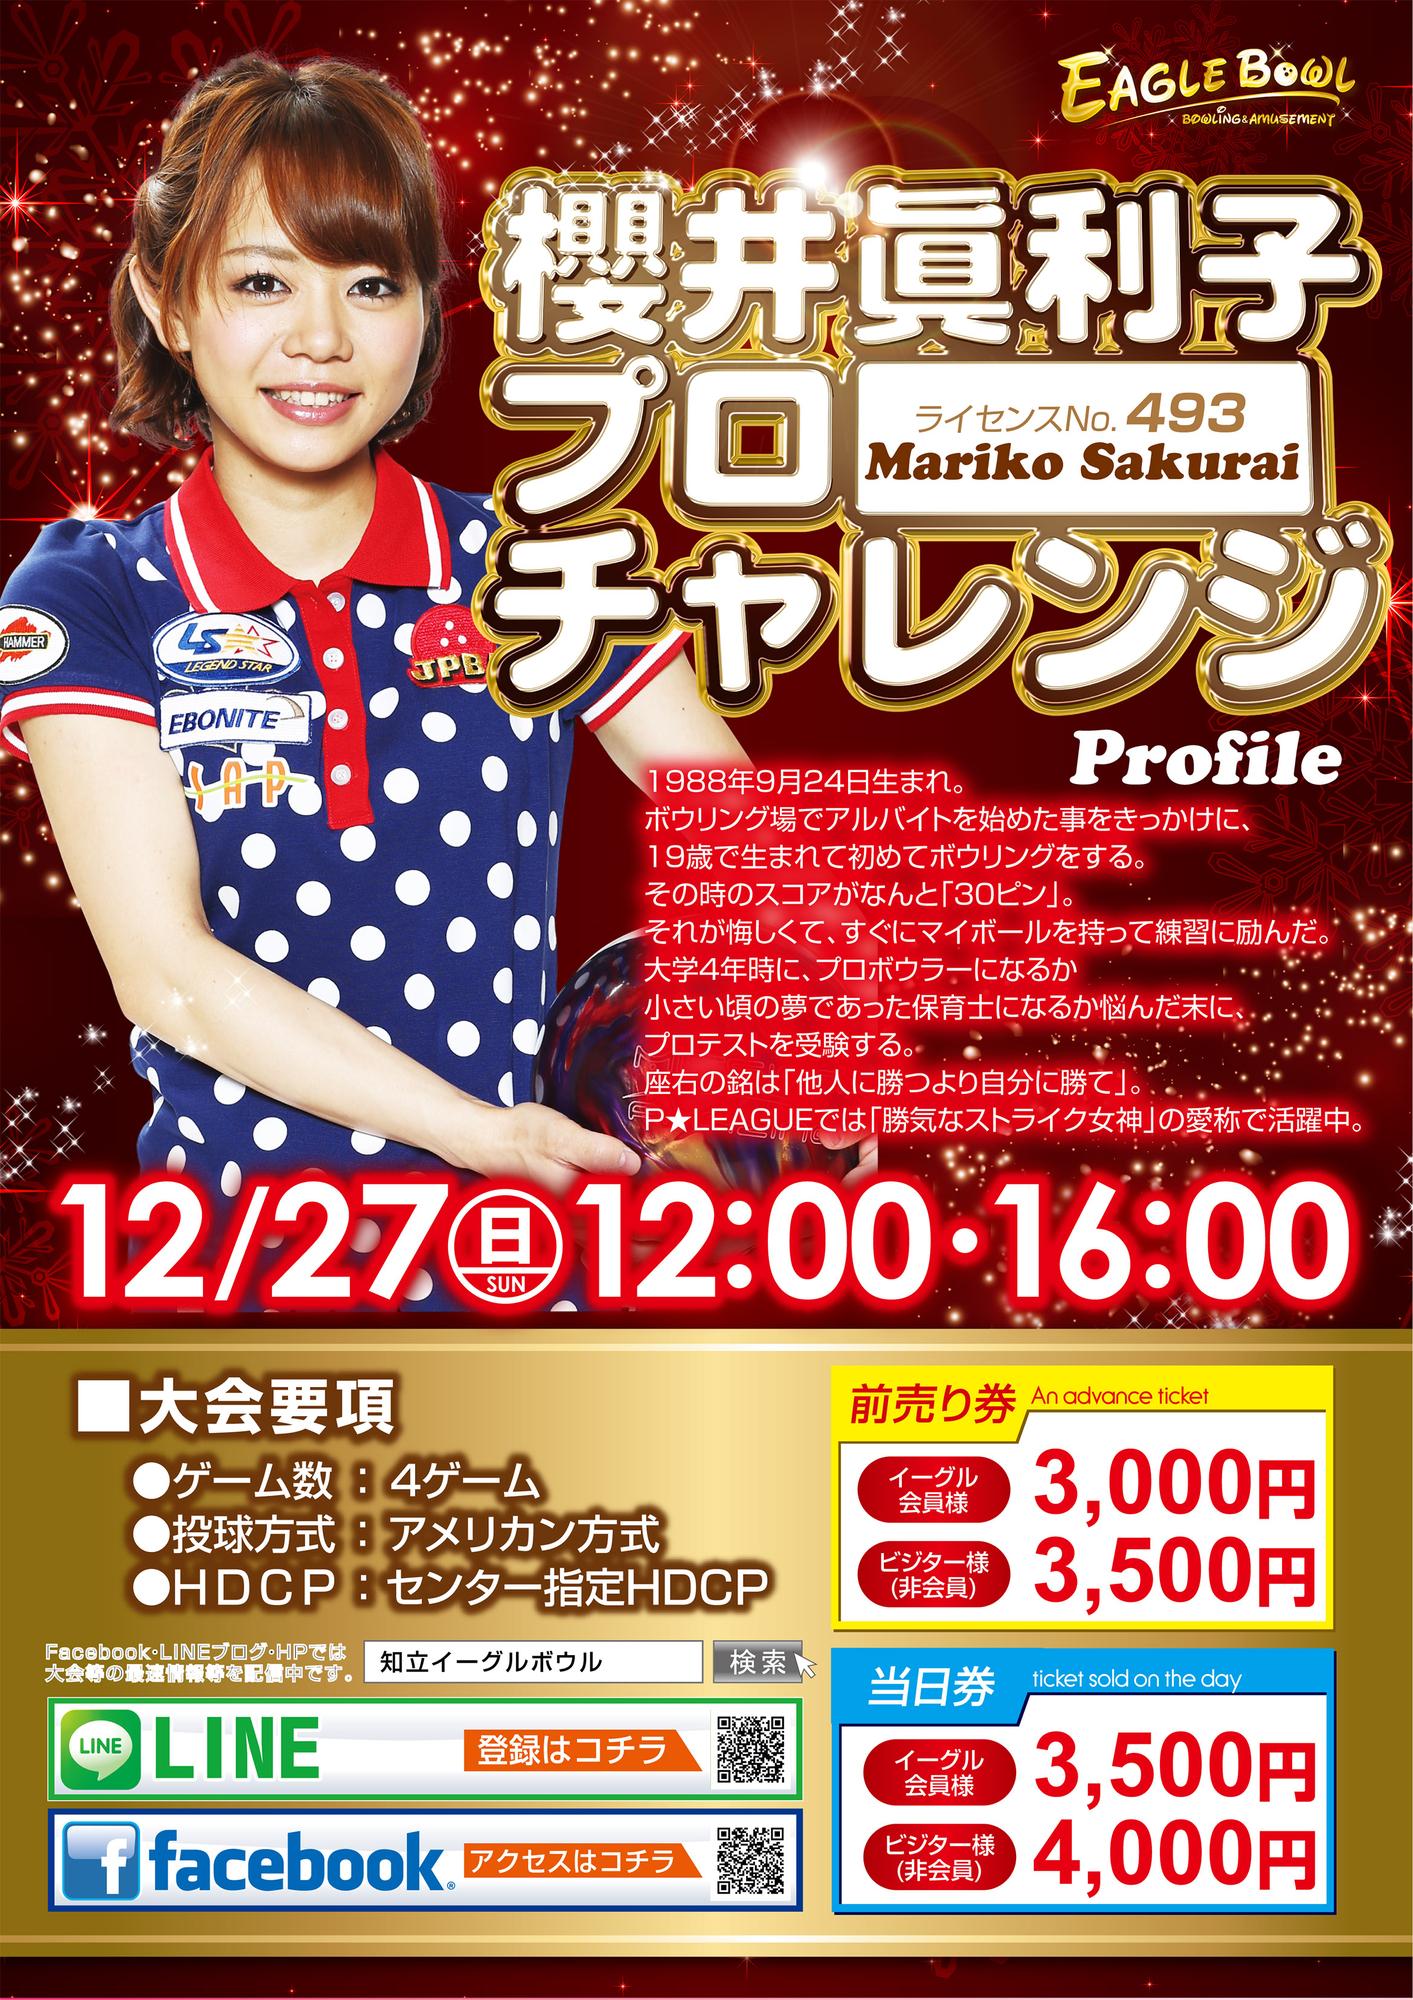 12/27 櫻井眞利子プロチャレンジ&大忘年会